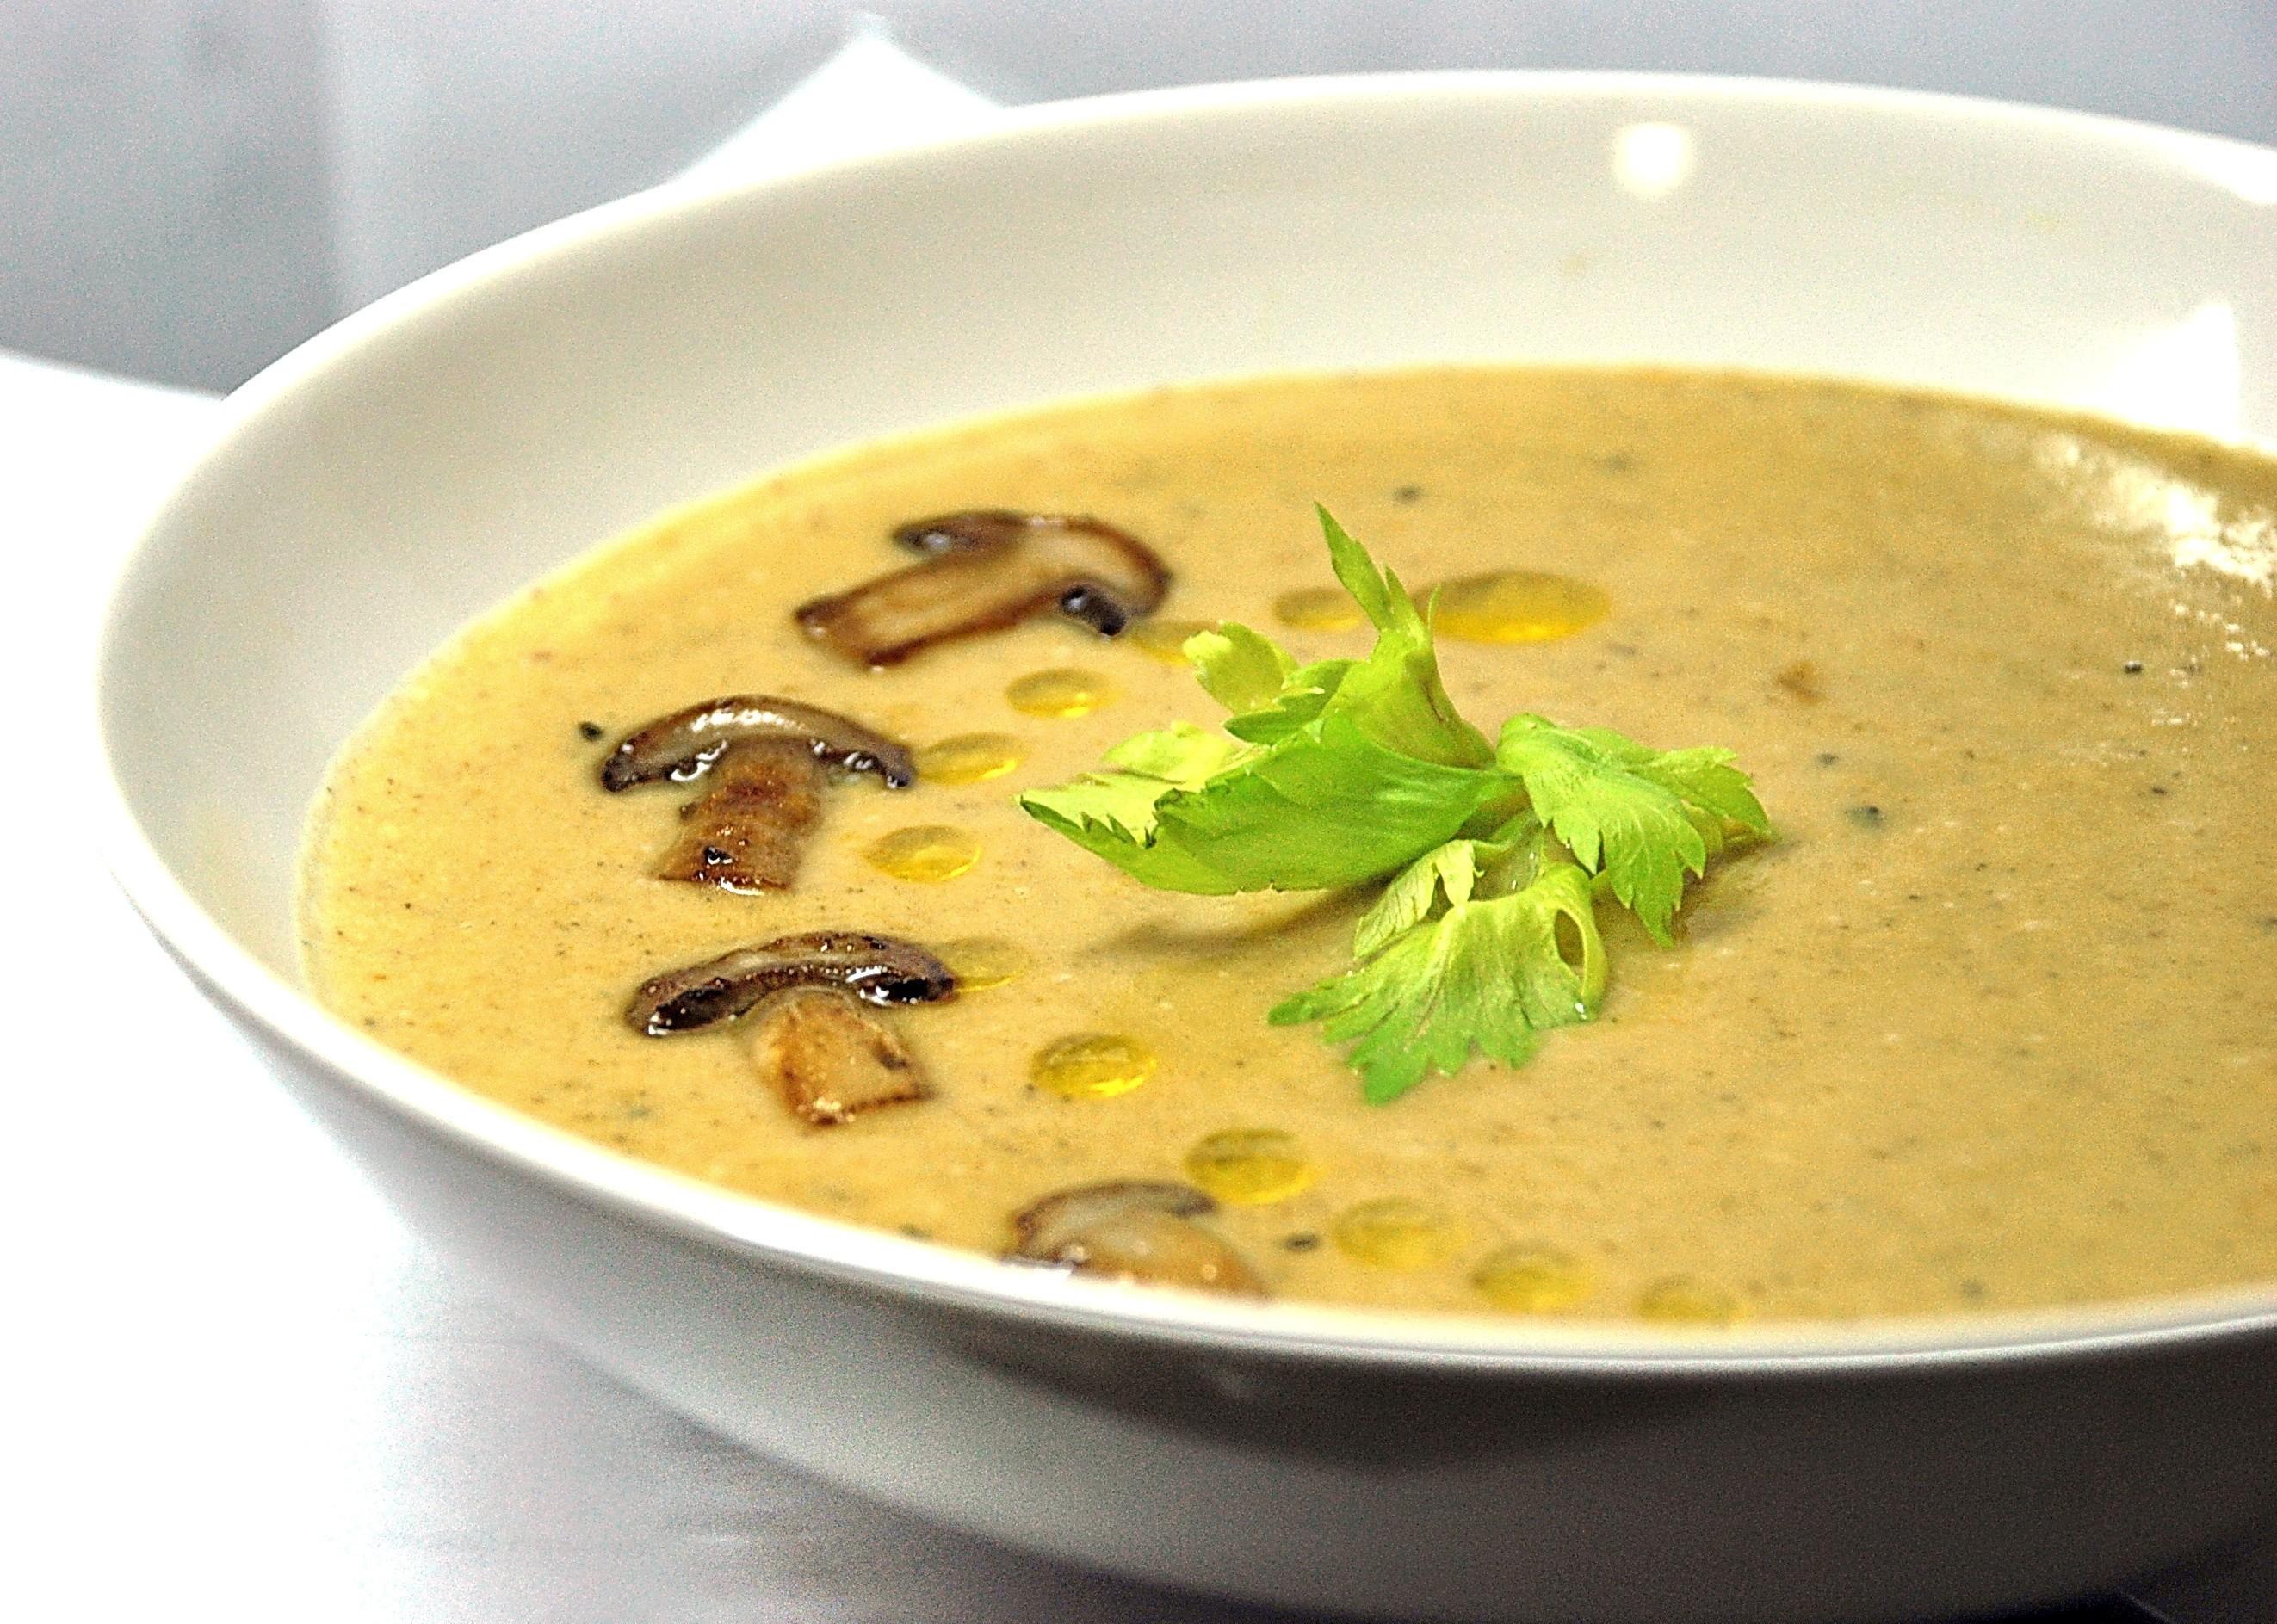 Мультиварка поларис рецепты приготовления супов суп гороховый тюнинг ателье кузова автомобиля